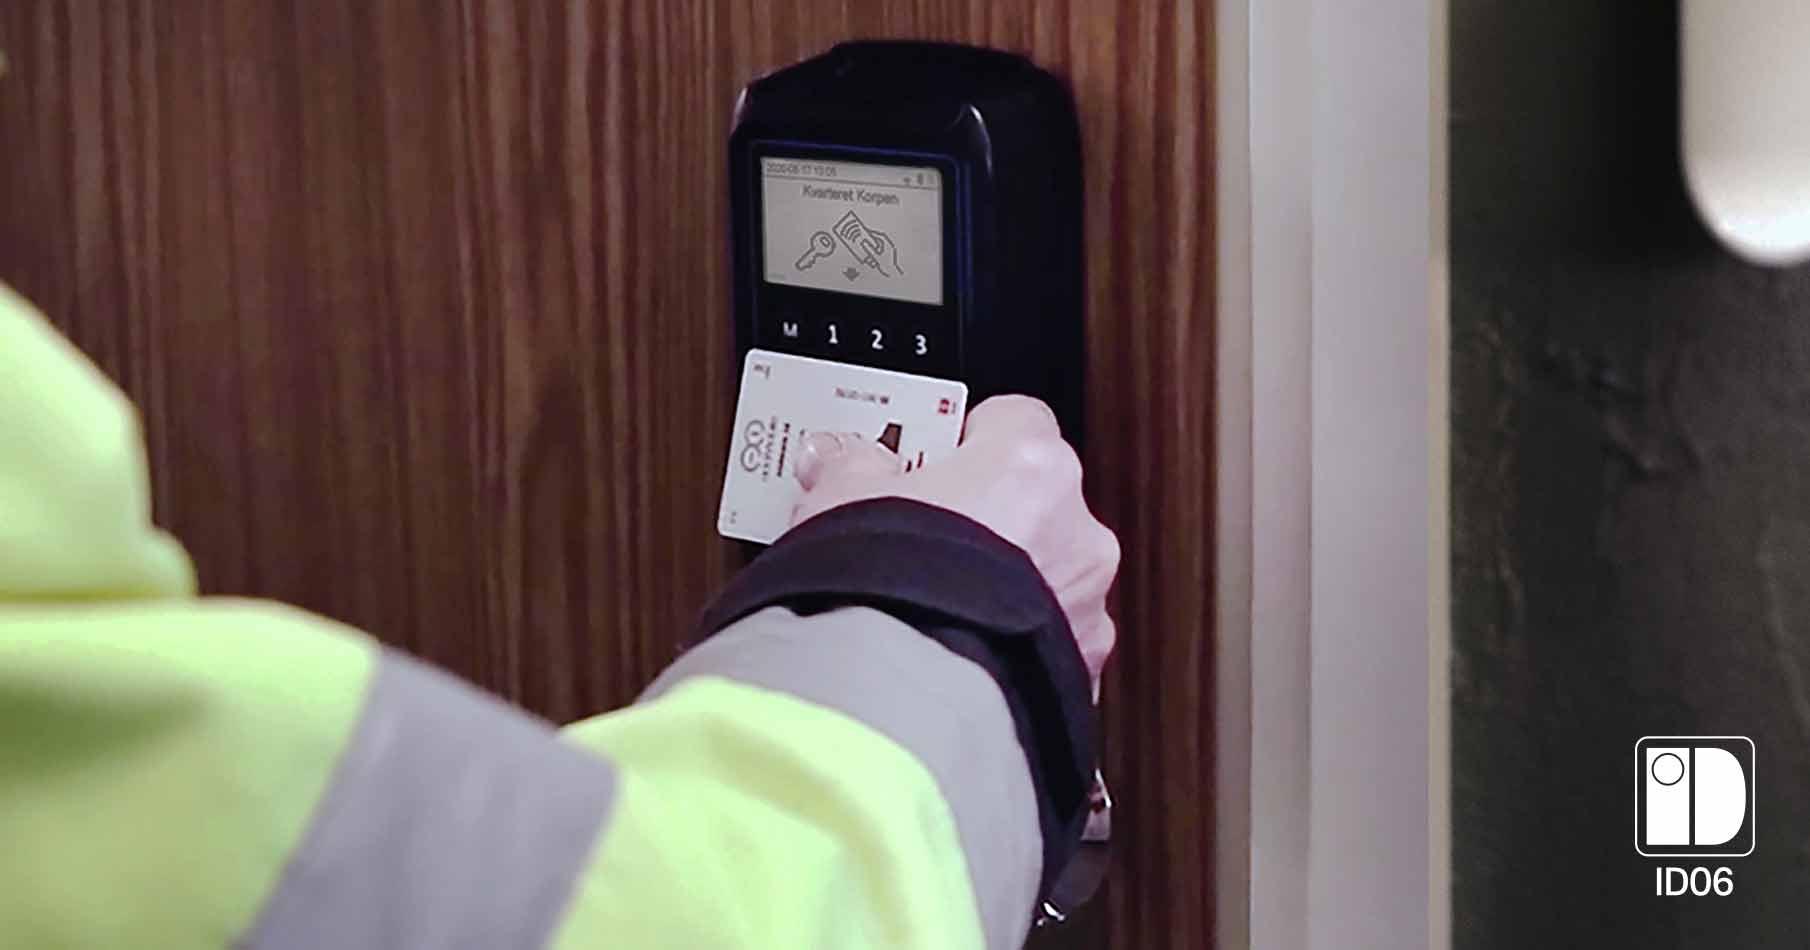 Byggarbetare öppnar en lägenhetsdörr med sitt ID06-kort på en svart kortläsare